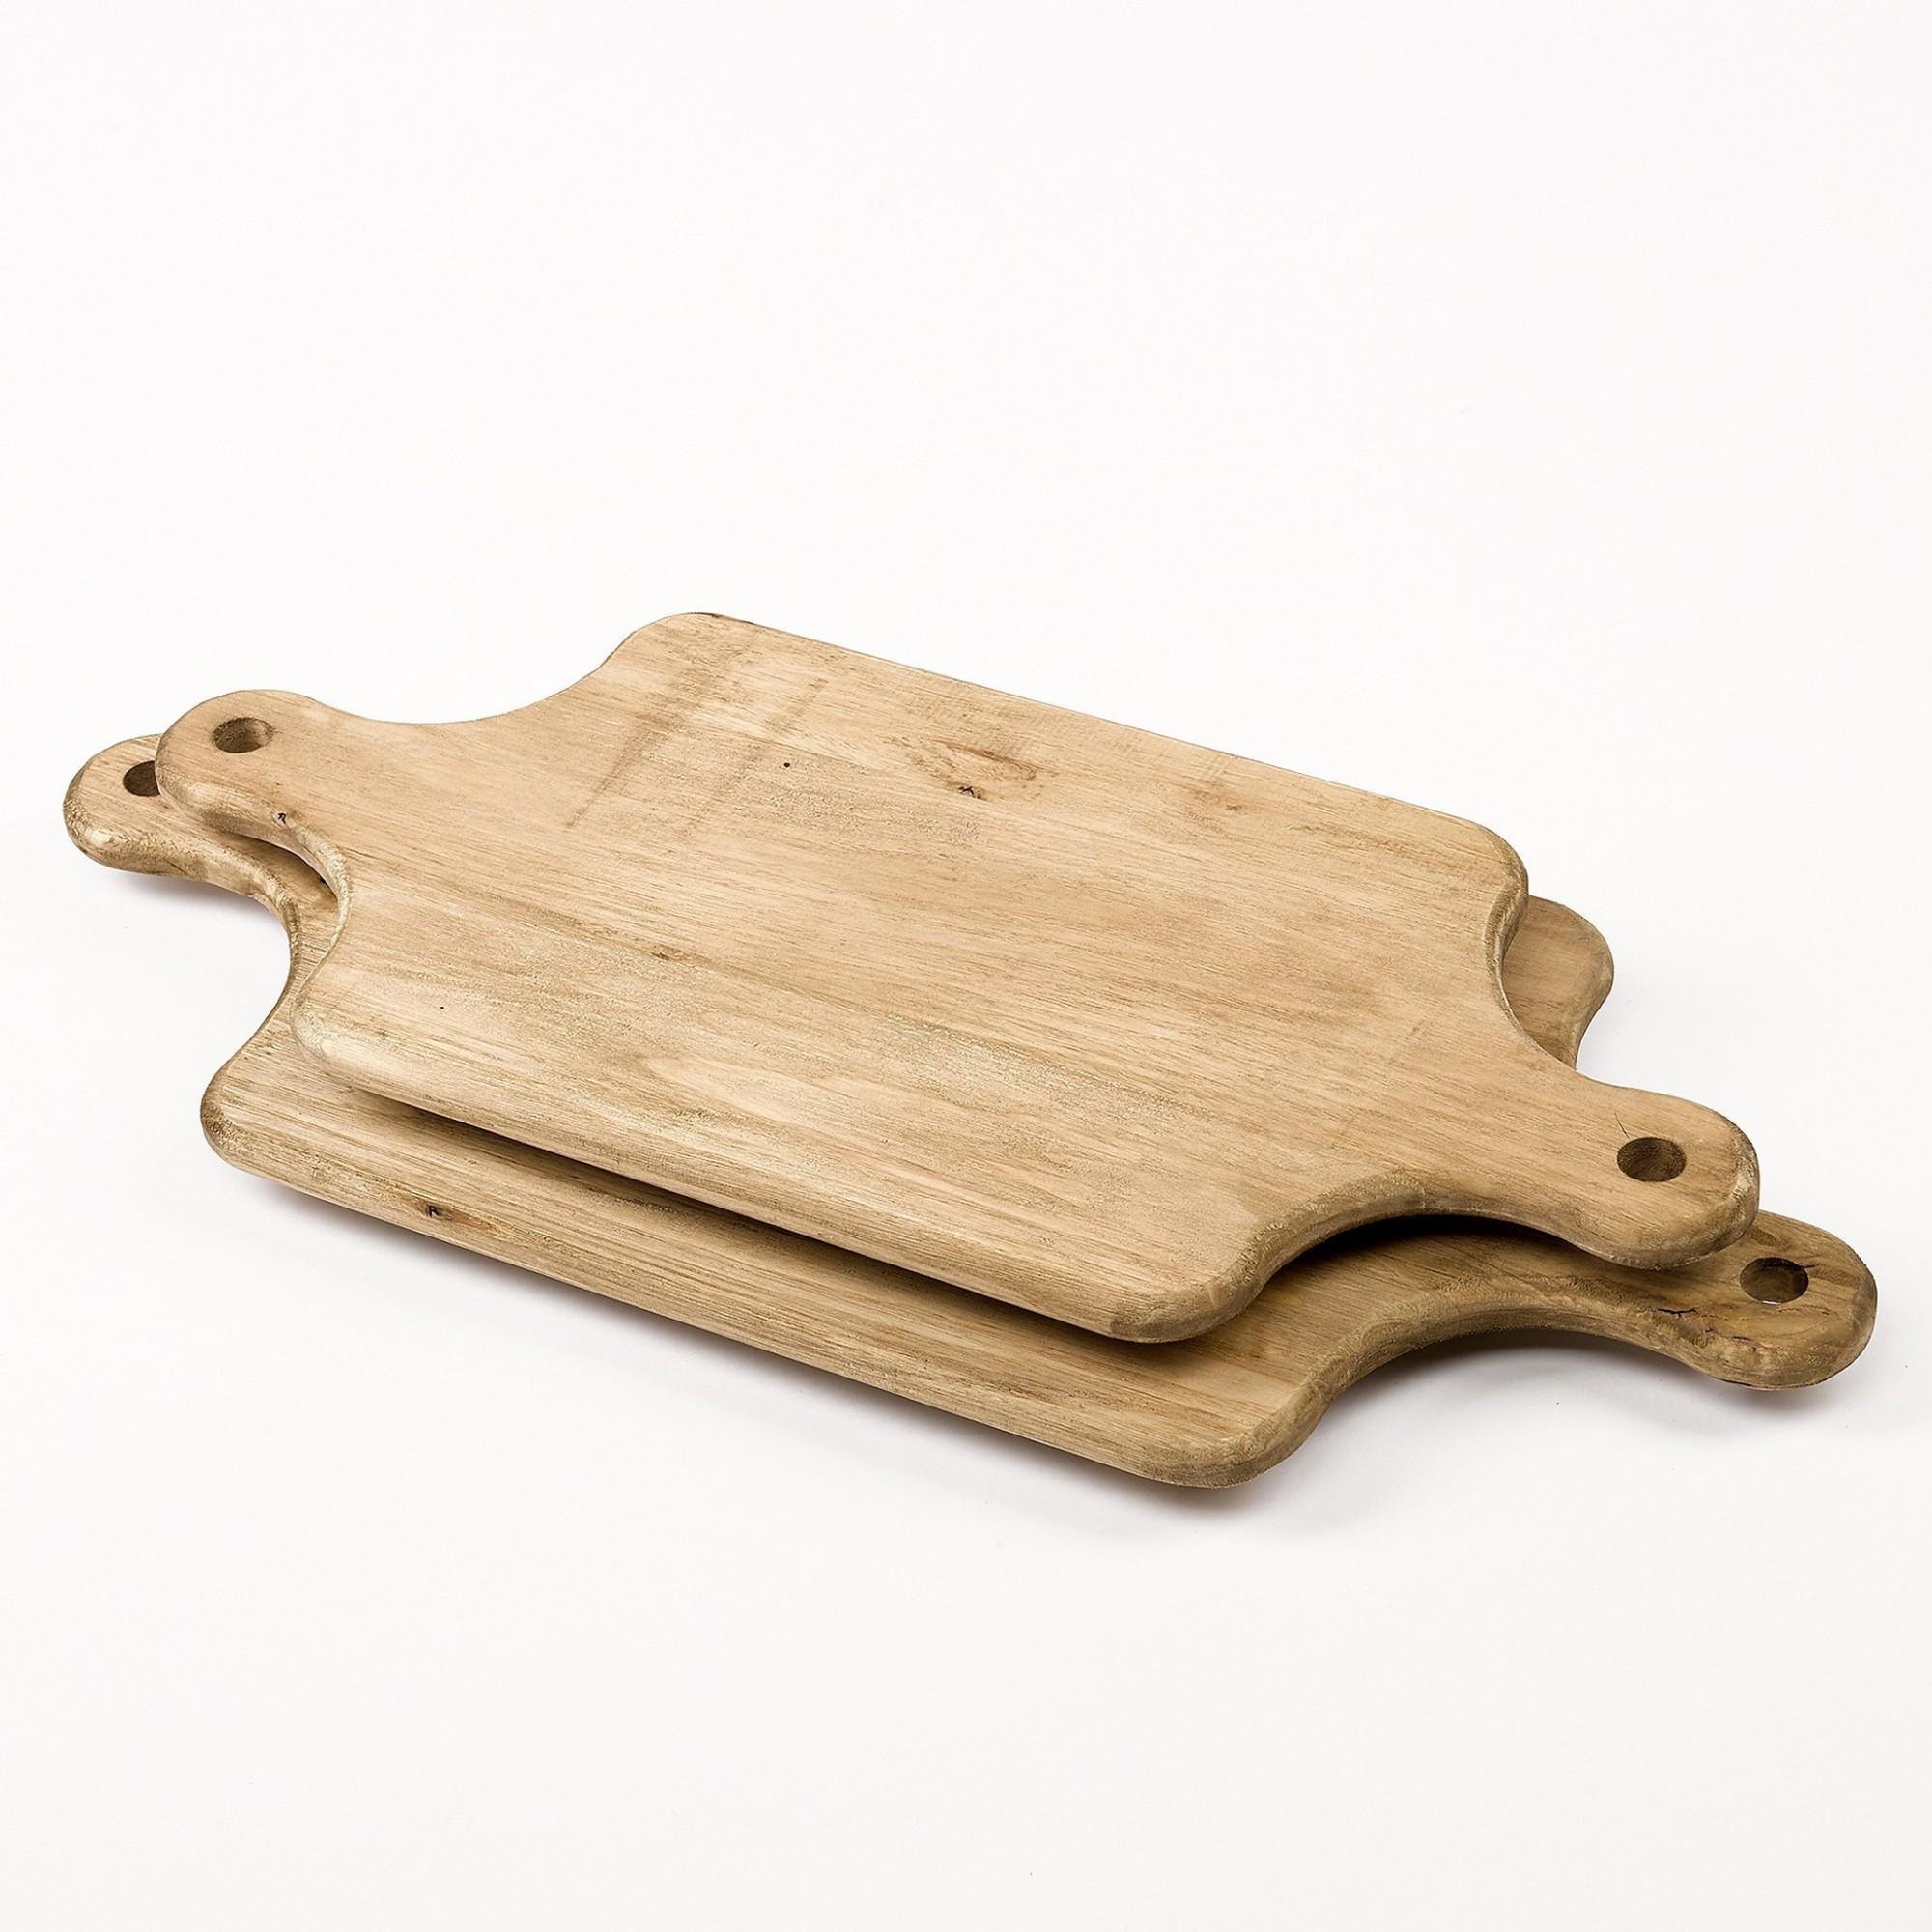 Afbeelding: Studio fotografie op locatie, productfotograaf Foto Van Huffel, fotografie houten snijplanken voor Simla.